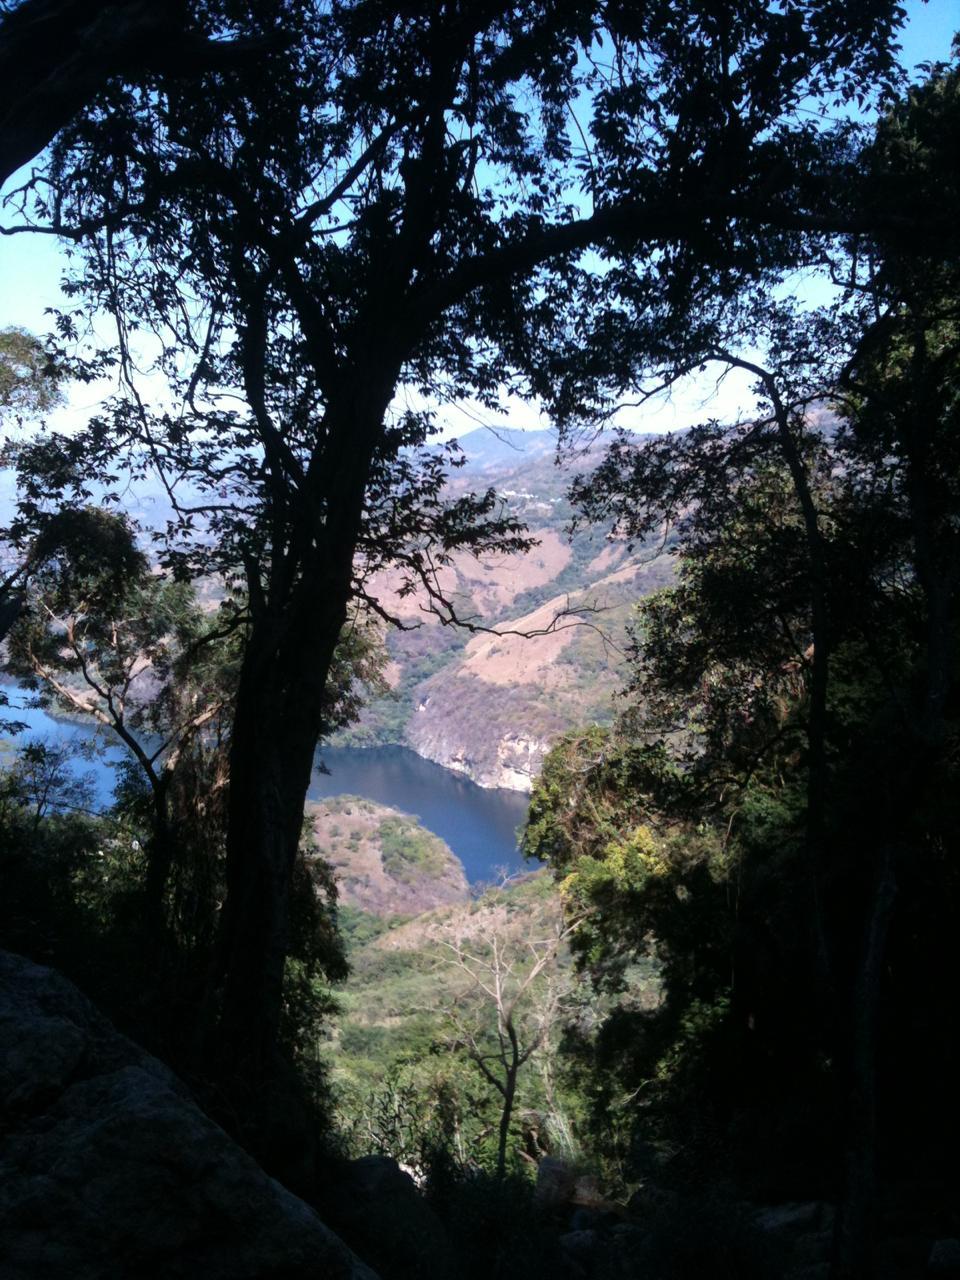 Cañón del Sumidero, en Chiapas, México